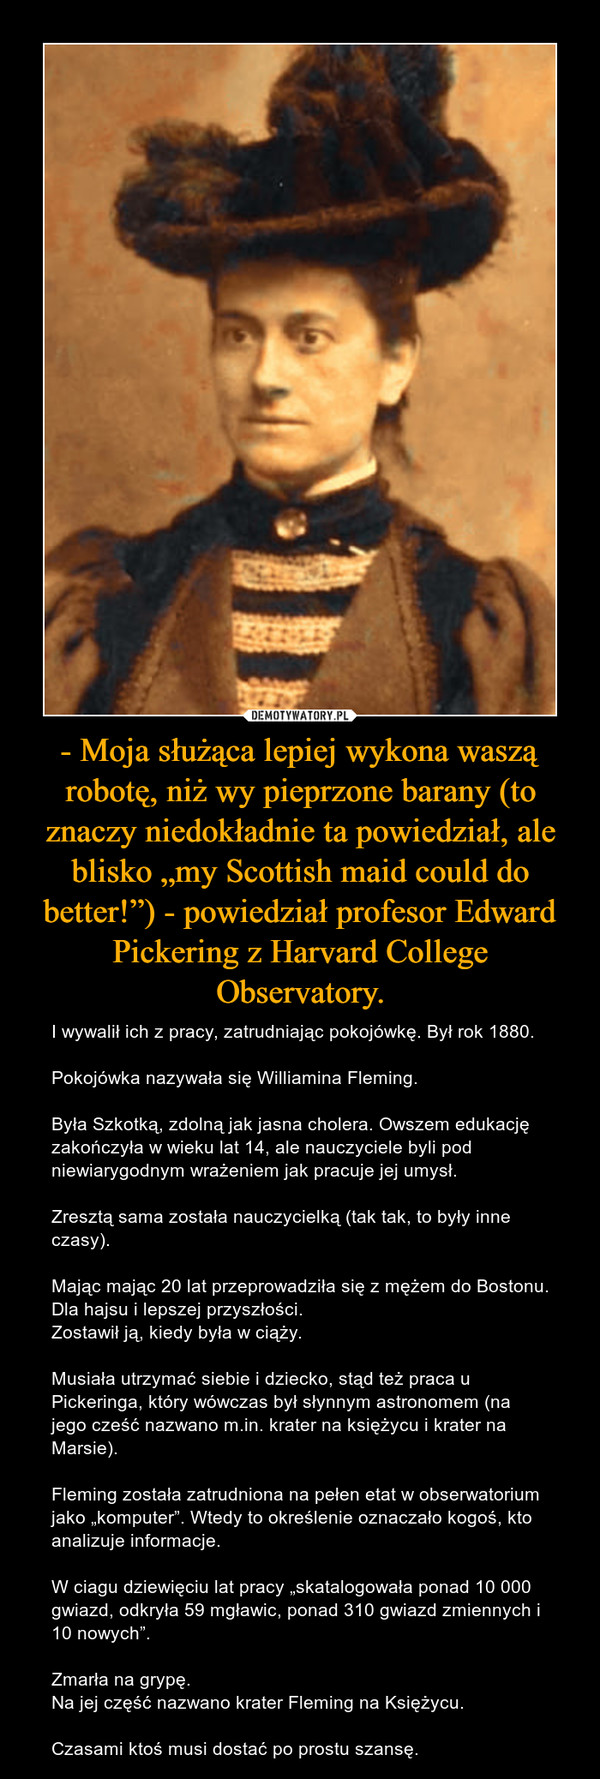 """- Moja służąca lepiej wykona waszą robotę, niż wy pieprzone barany (to znaczy niedokładnie ta powiedział, ale blisko """"my Scottish maid could do better!"""") - powiedział profesor Edward Pickering z Harvard College Observatory. – I wywalił ich z pracy, zatrudniając pokojówkę. Był rok 1880.Pokojówka nazywała się Williamina Fleming.Była Szkotką, zdolną jak jasna cholera. Owszem edukację zakończyła w wieku lat 14, ale nauczyciele byli pod niewiarygodnym wrażeniem jak pracuje jej umysł.Zresztą sama została nauczycielką (tak tak, to były inne czasy).Mając mając 20 lat przeprowadziła się z mężem do Bostonu. Dla hajsu i lepszej przyszłości.Zostawił ją, kiedy była w ciąży.Musiała utrzymać siebie i dziecko, stąd też praca u Pickeringa, który wówczas był słynnym astronomem (na jego cześć nazwano m.in. krater na księżycu i krater na Marsie).Fleming została zatrudniona na pełen etat w obserwatorium jako """"komputer"""". Wtedy to określenie oznaczało kogoś, kto analizuje informacje.W ciagu dziewięciu lat pracy """"skatalogowała ponad 10 000 gwiazd, odkryła 59 mgławic, ponad 310 gwiazd zmiennych i 10 nowych"""".Zmarła na grypę.Na jej część nazwano krater Fleming na Księżycu.Czasami ktoś musi dostać po prostu szansę."""